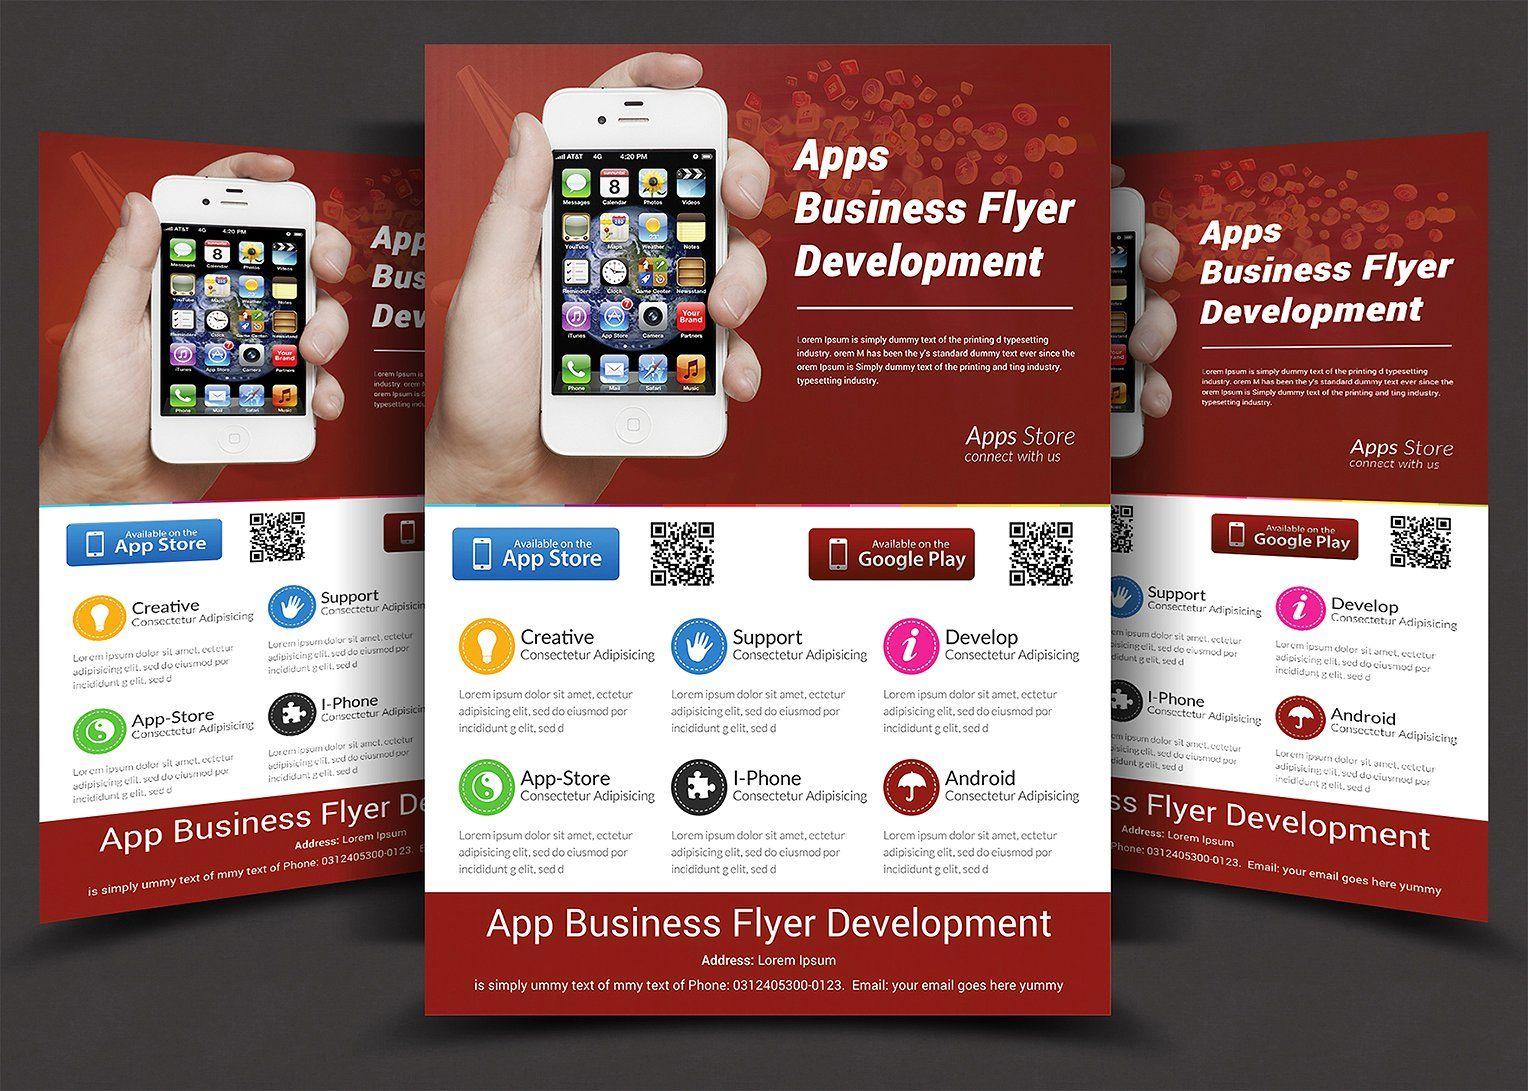 app flyers cmyk dpi completely ready design art pinterest